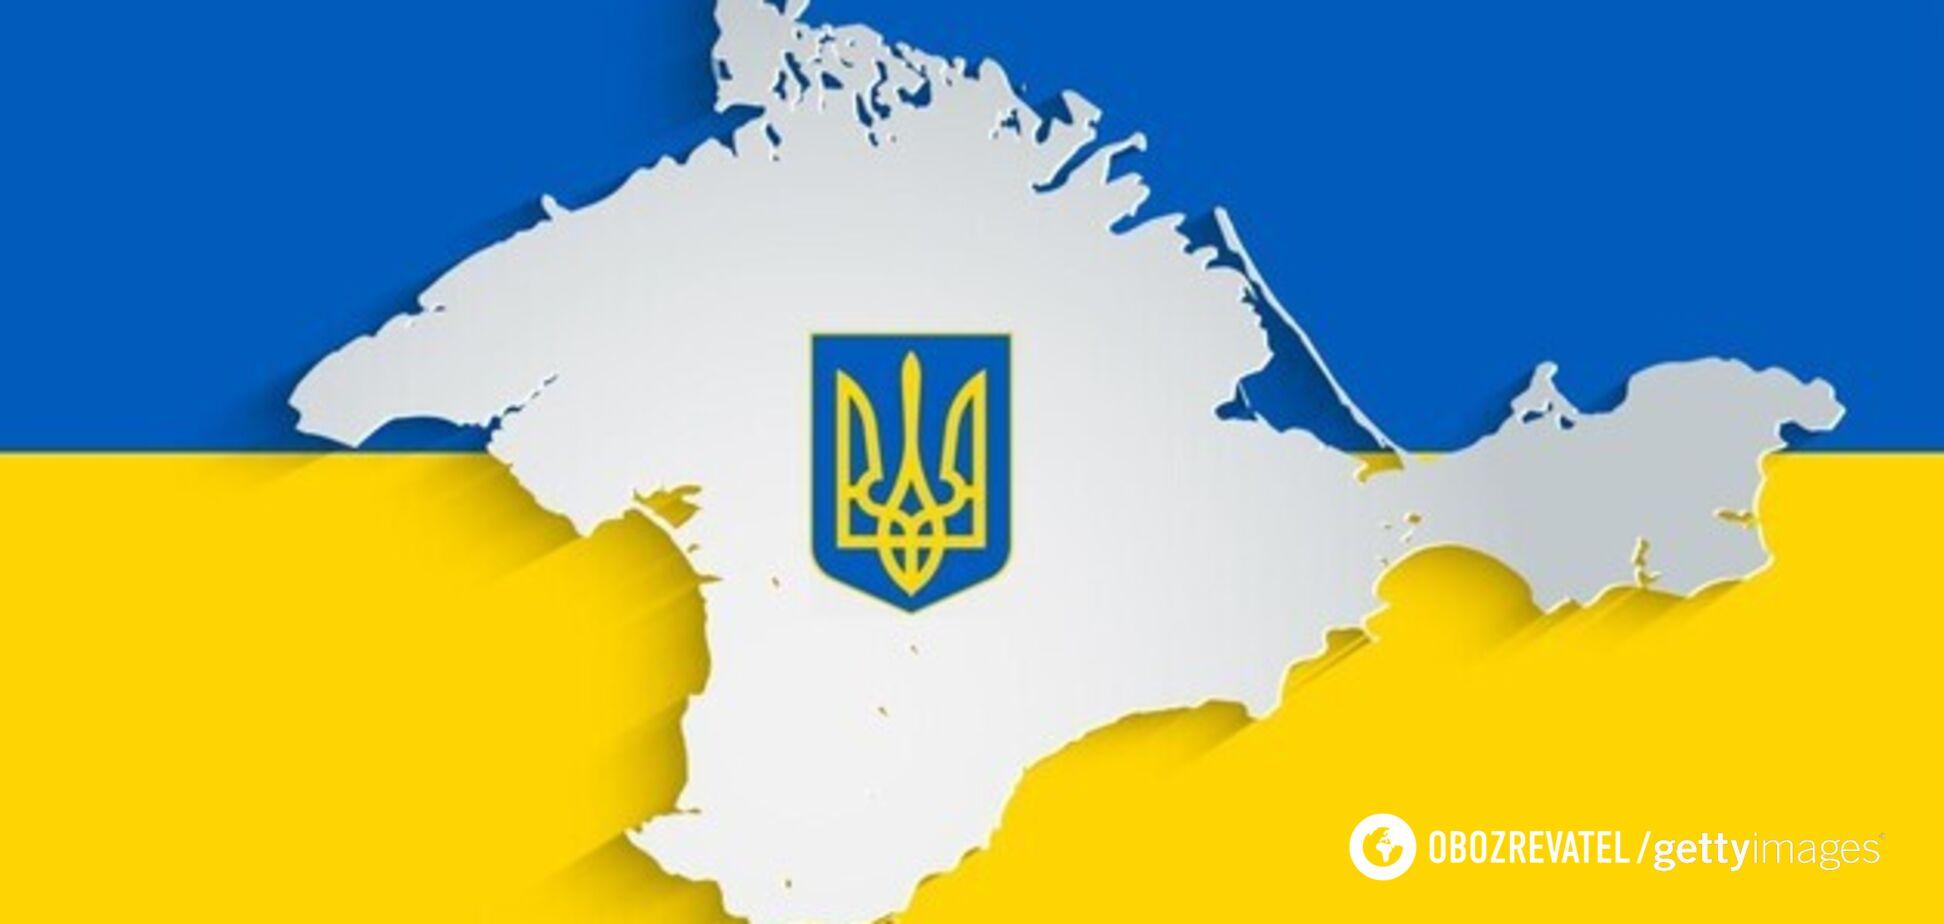 Мы очень мало знаем настоящую историю Крыма